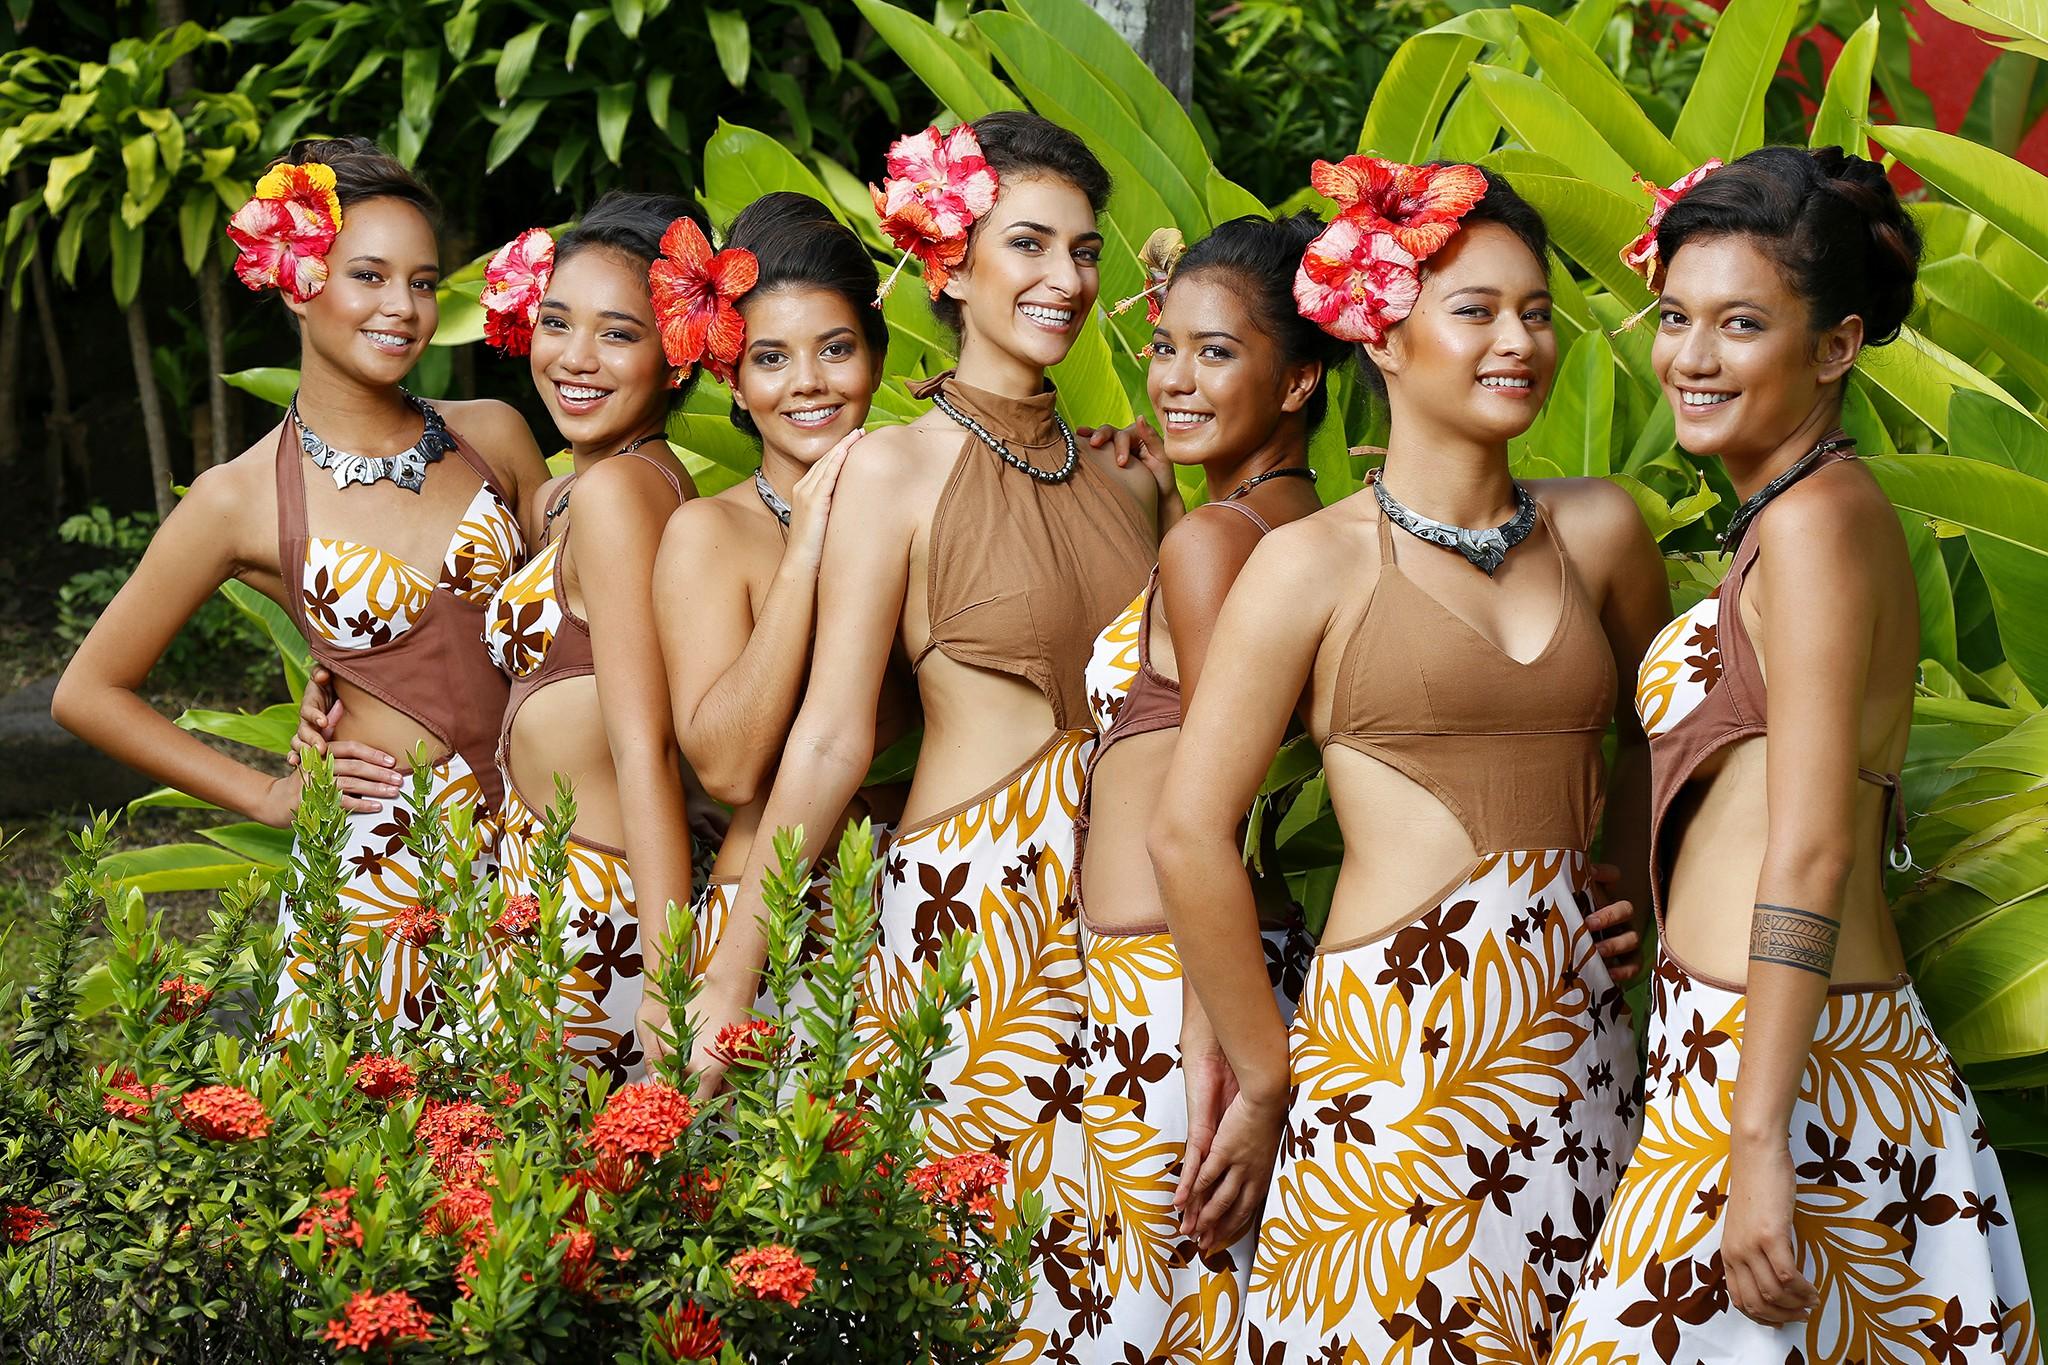 L'une de ces sept vahine sera élue Miss Punaauia 2017 et participera, de fait, à la prochaine élection de Miss Tahiti.